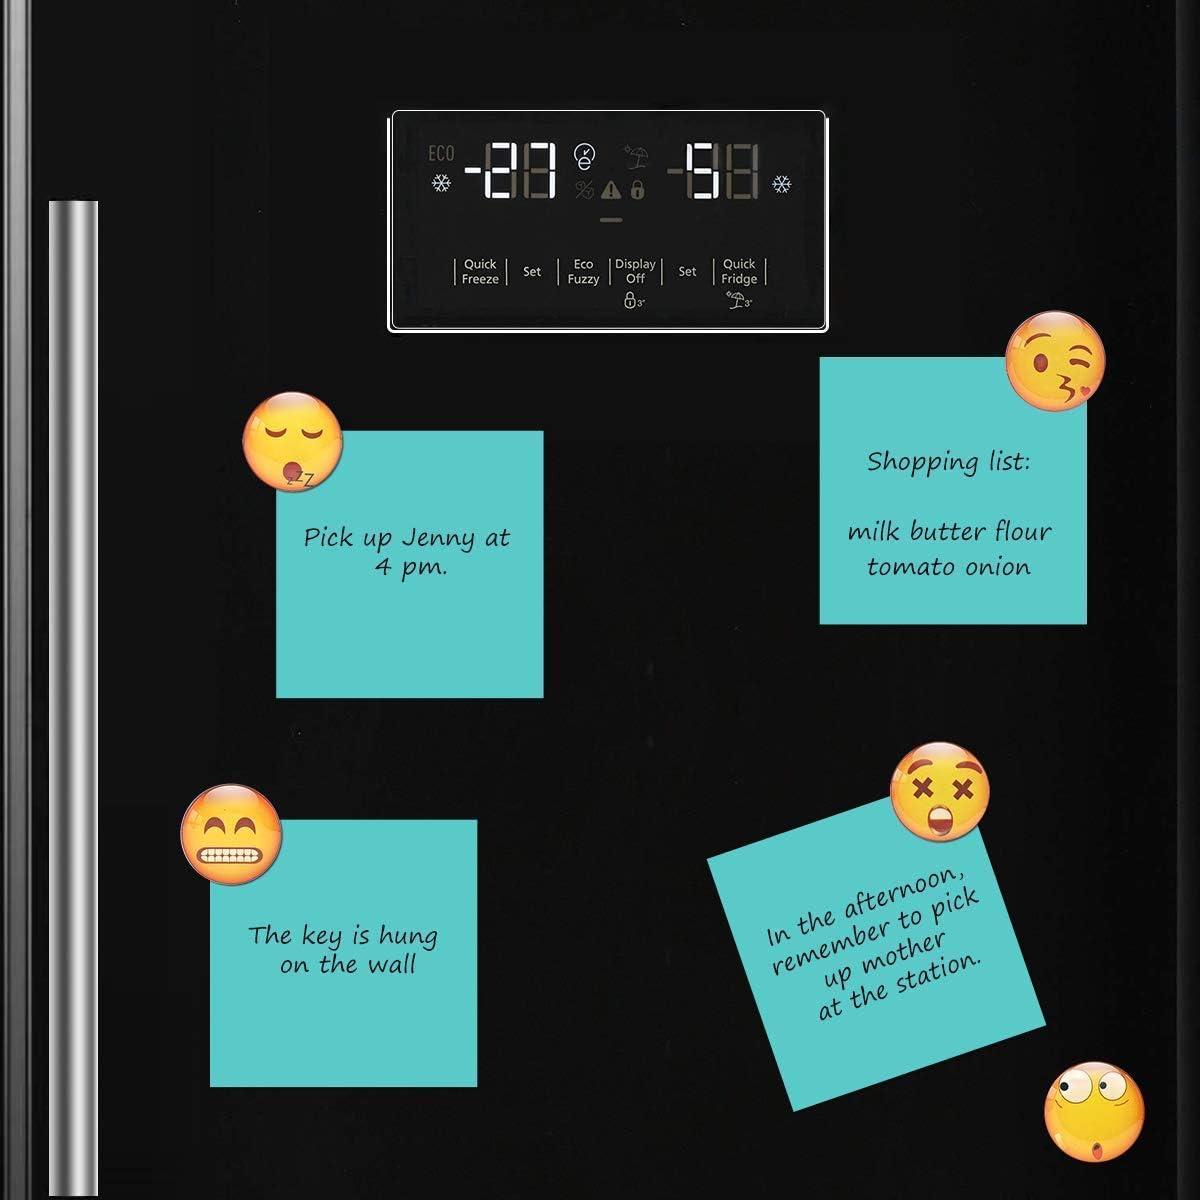 Emoji Magnet Frigo 3d Aimant 25 Piece Smileys Refrigerateur Tableau Blanc Aimant Emoticone Decoration De Refrigerateurs Tableaux Blancs Le Choix Pour Donner Des Cadeaux M Morcart Aimant Emoji Aimants Cuisine Maison